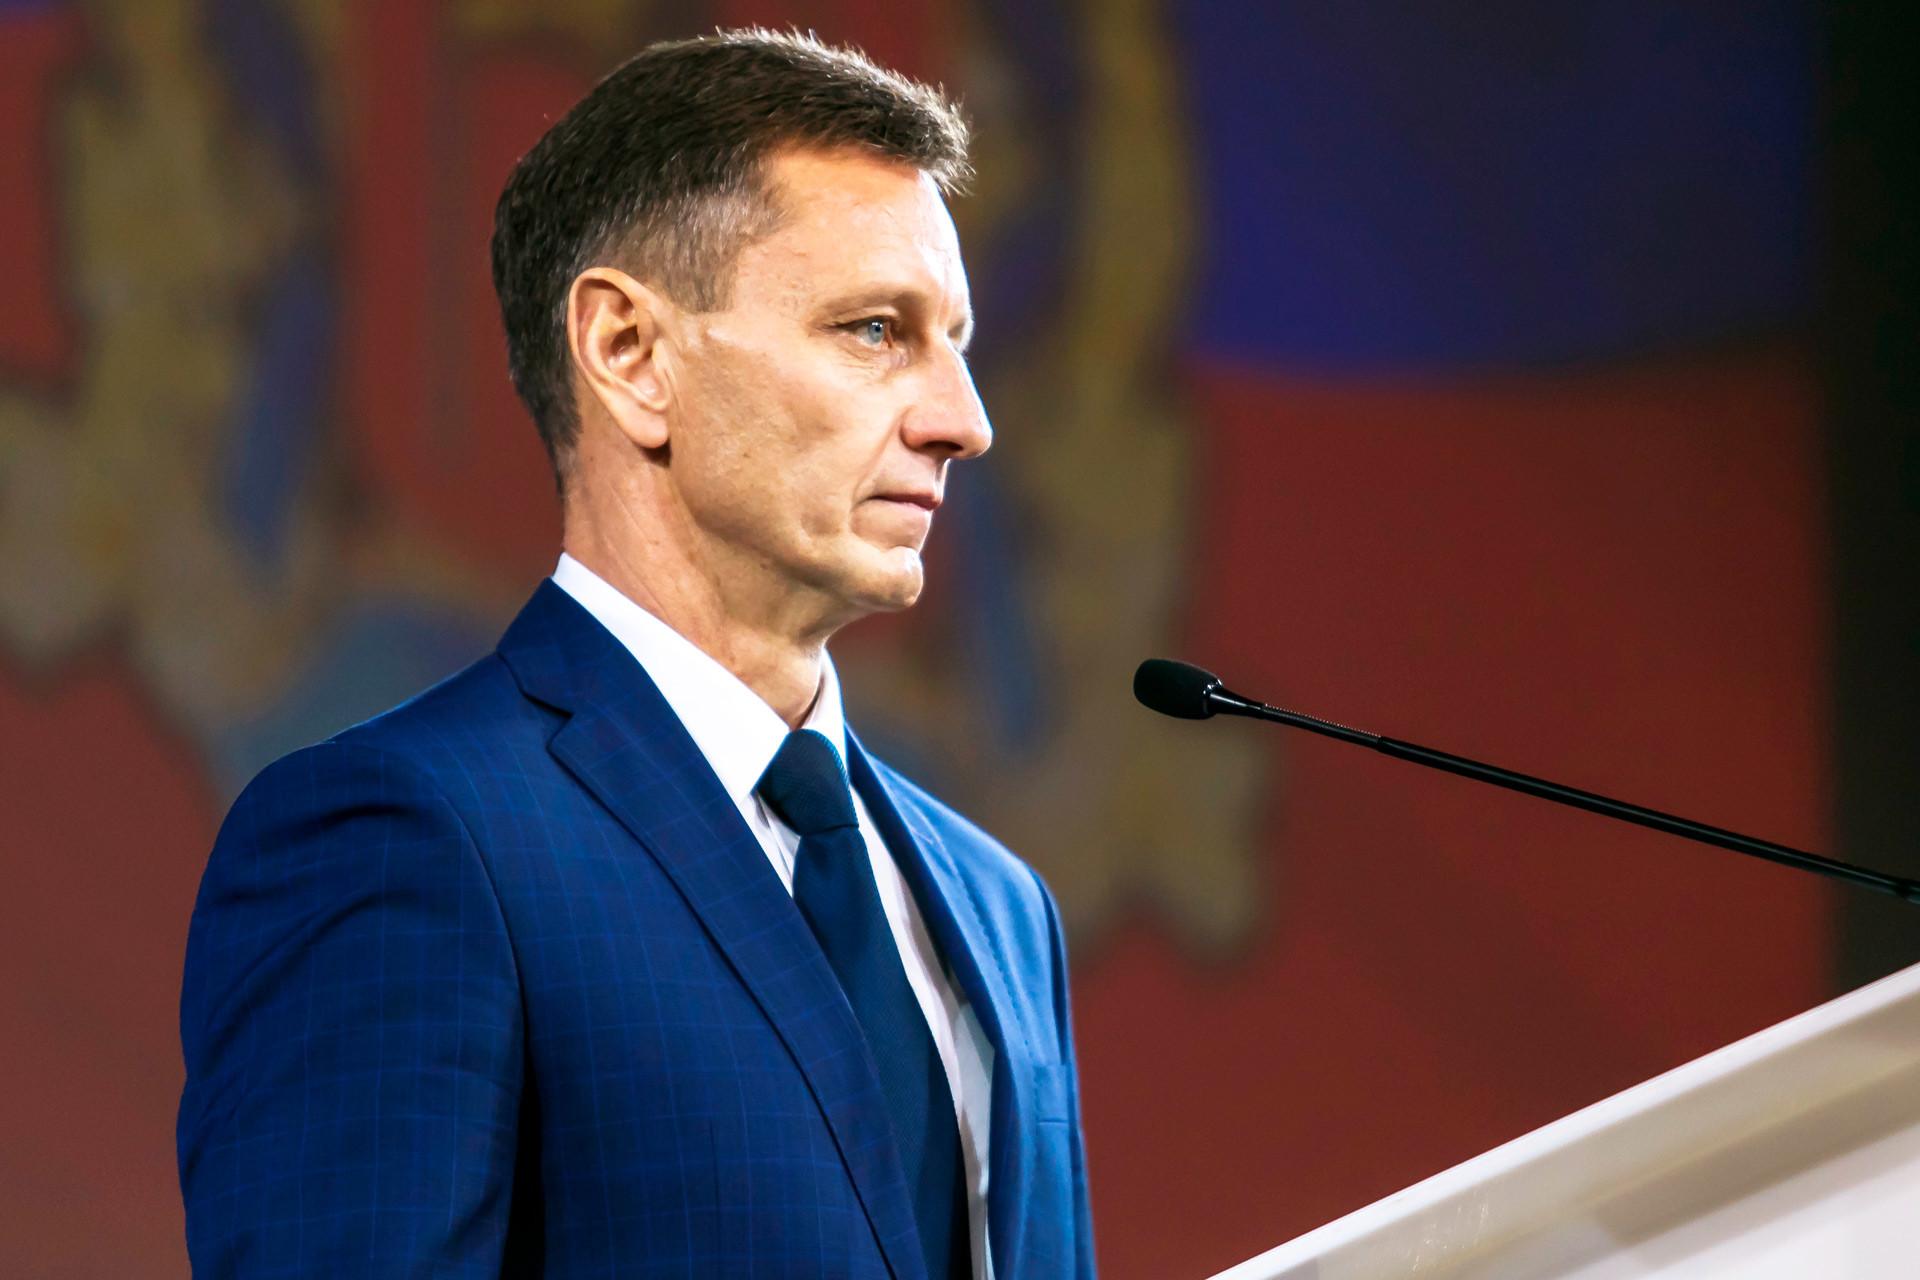 Губернатор Владимирской области Владимир Сипягин. Фото: © РИА Новости / Владимир Чучадеев